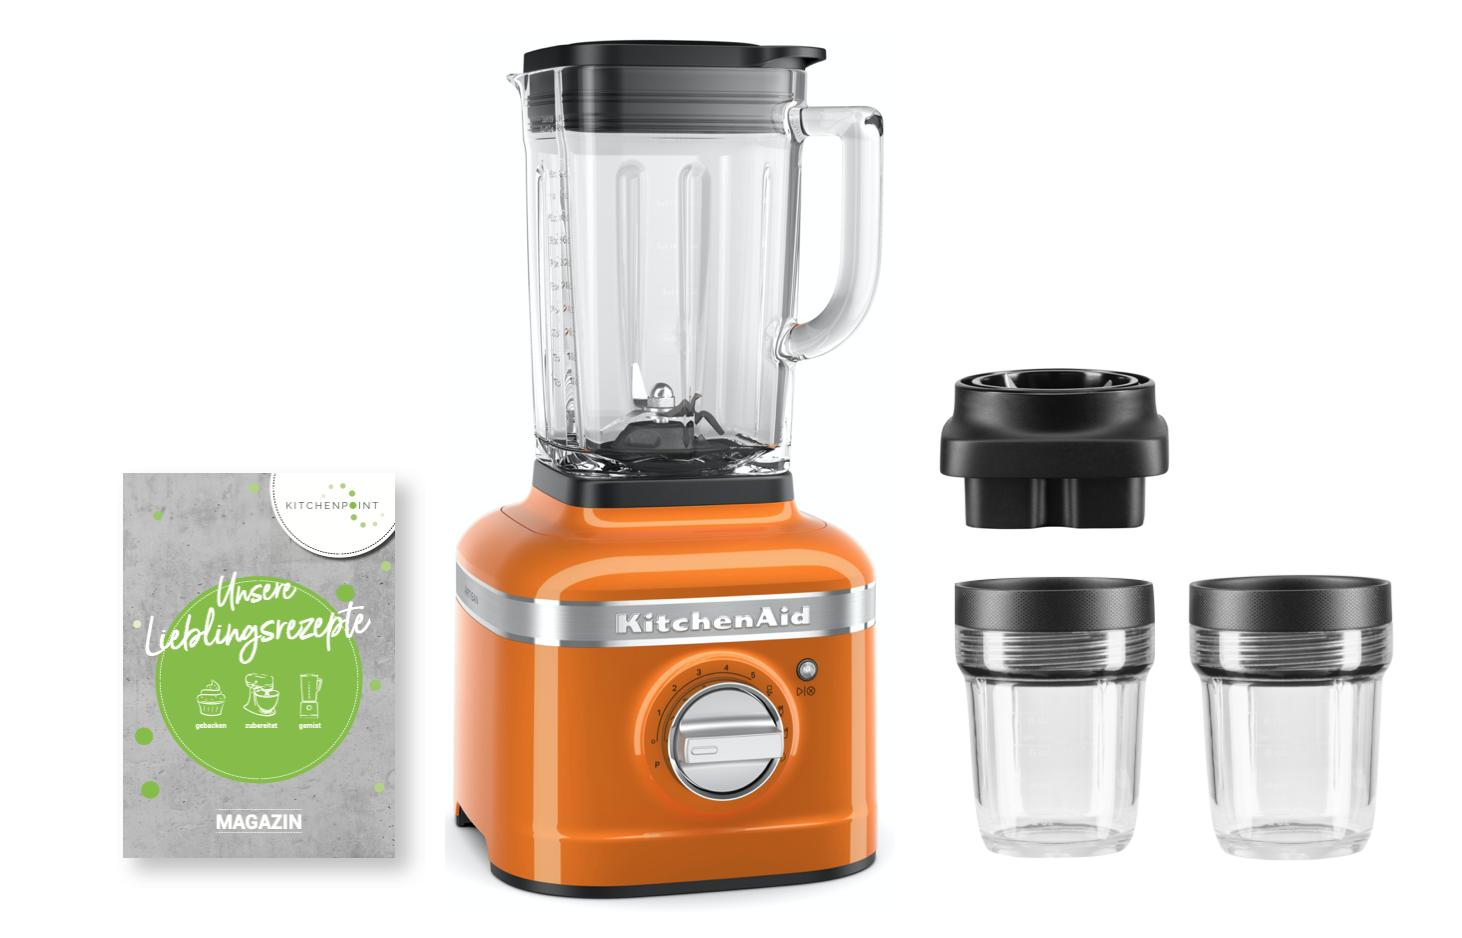 KitchenAid Blender K400 Mixbehälter Set Honey